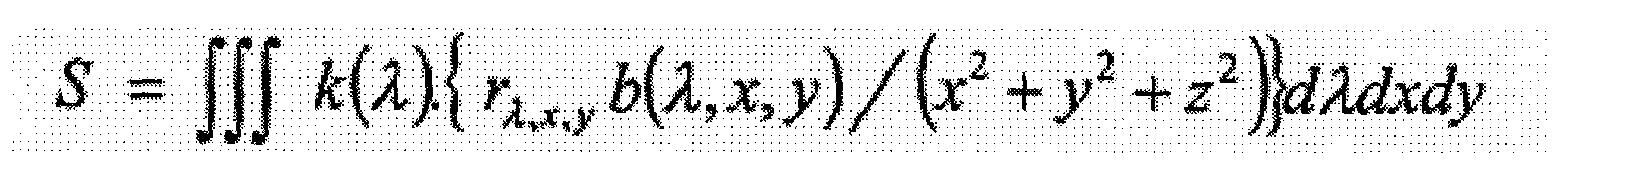 Figure CN1950857BC00021